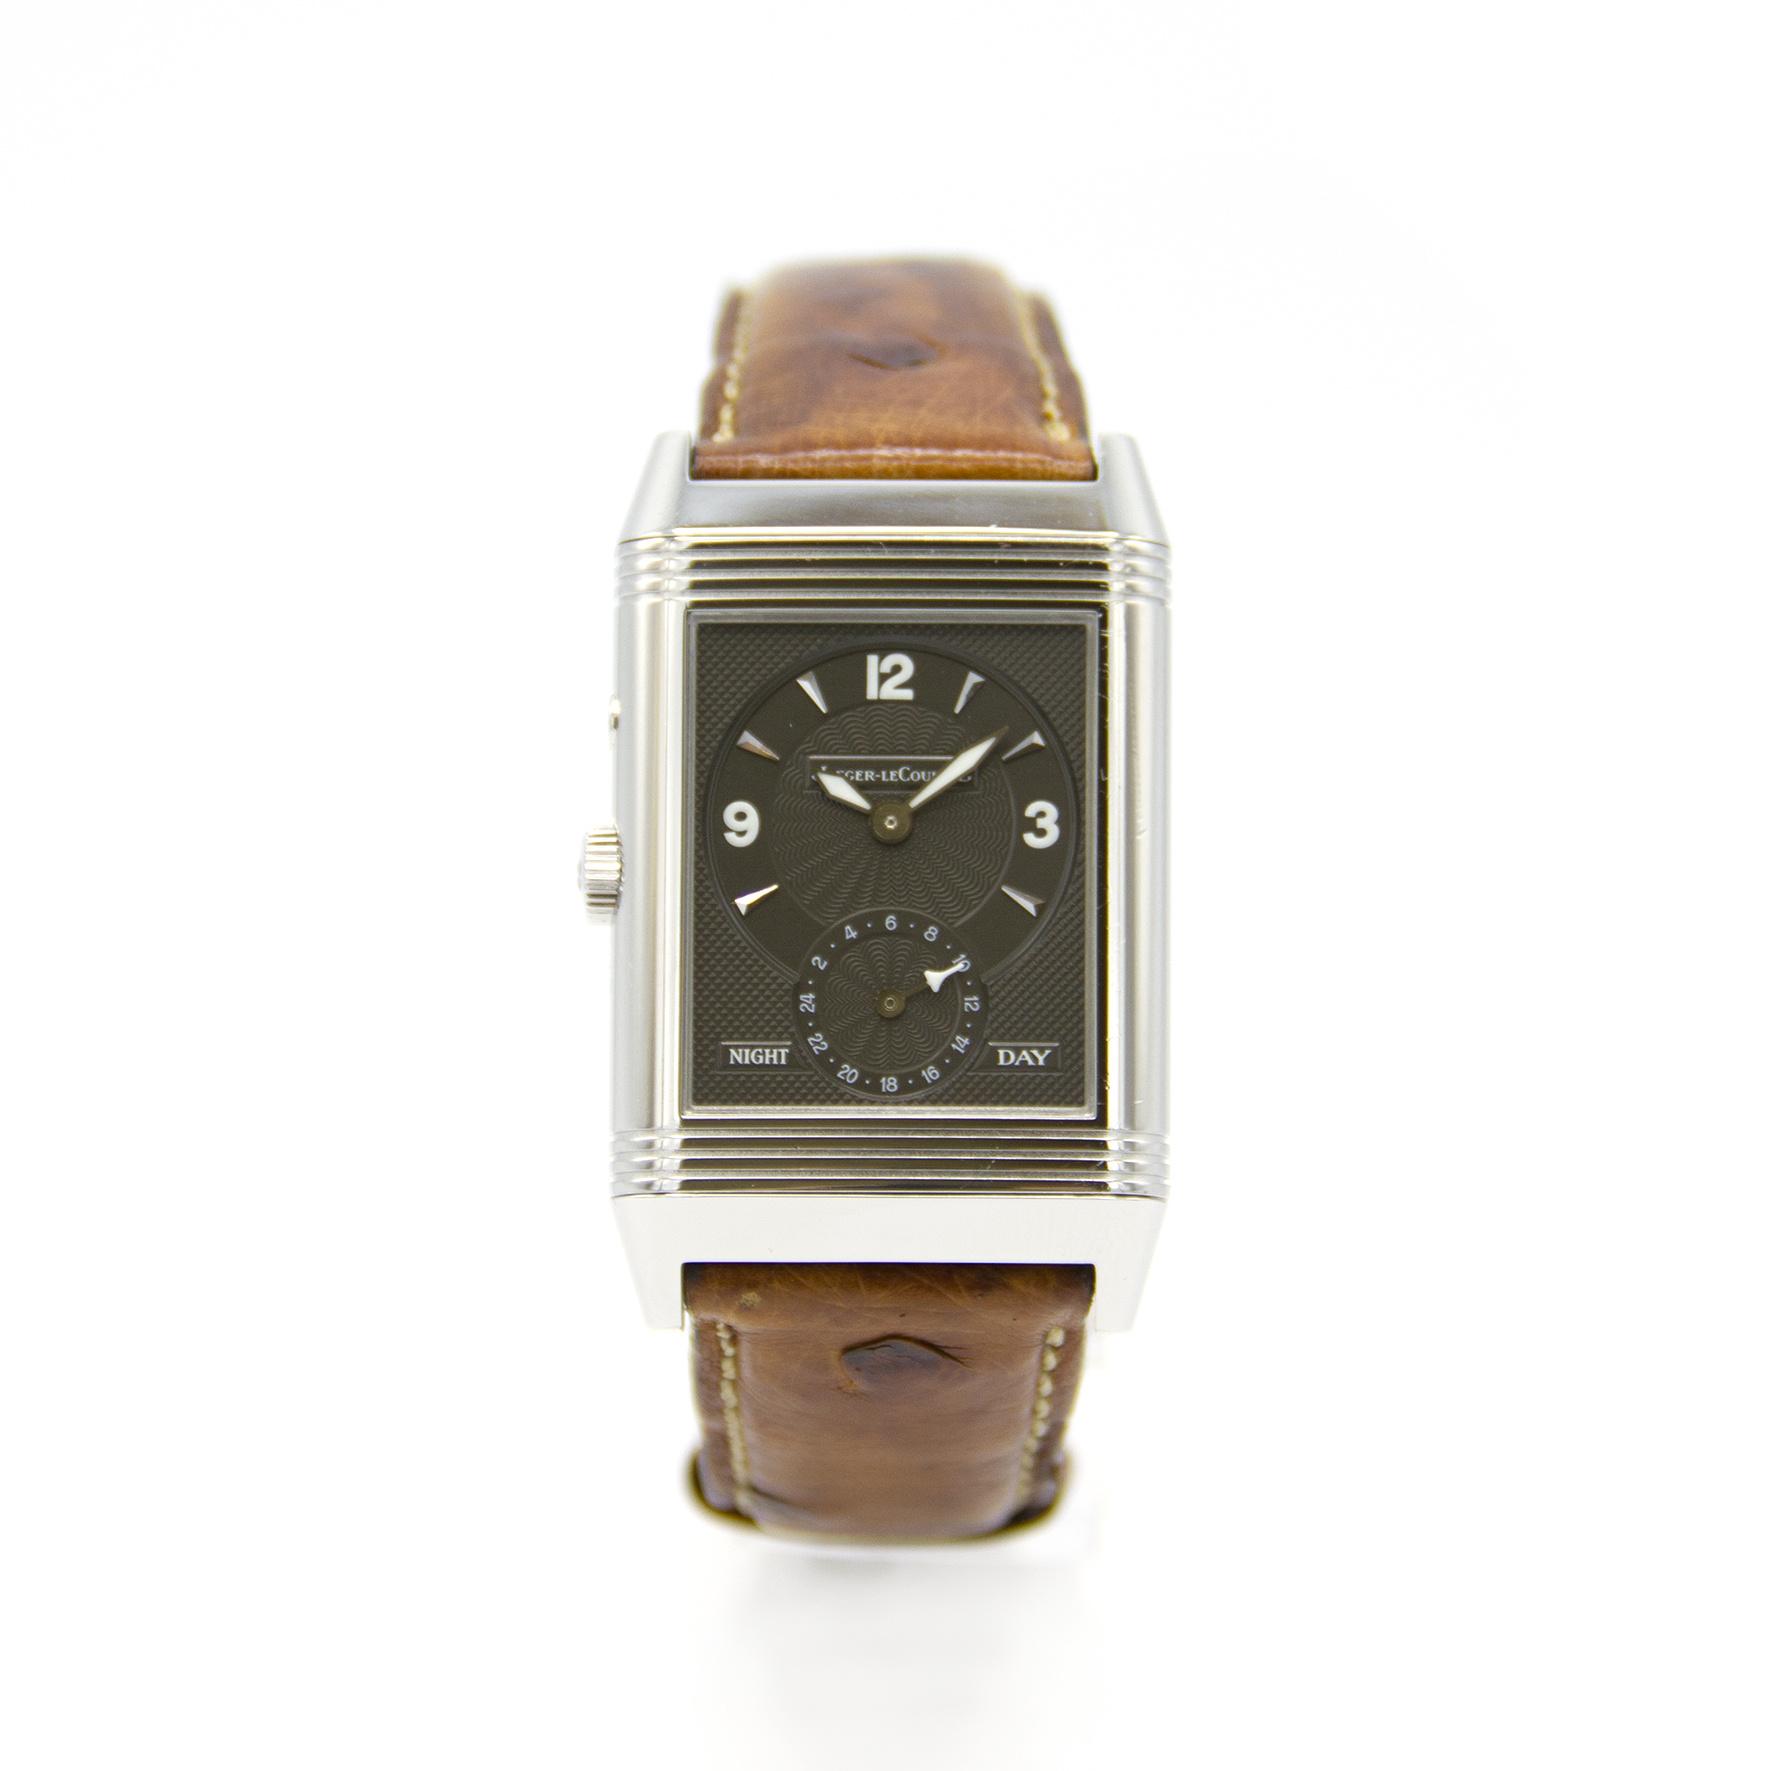 Jaeger-LeCoultre - Duo Face - Horloge Heren - 270.8.54-9